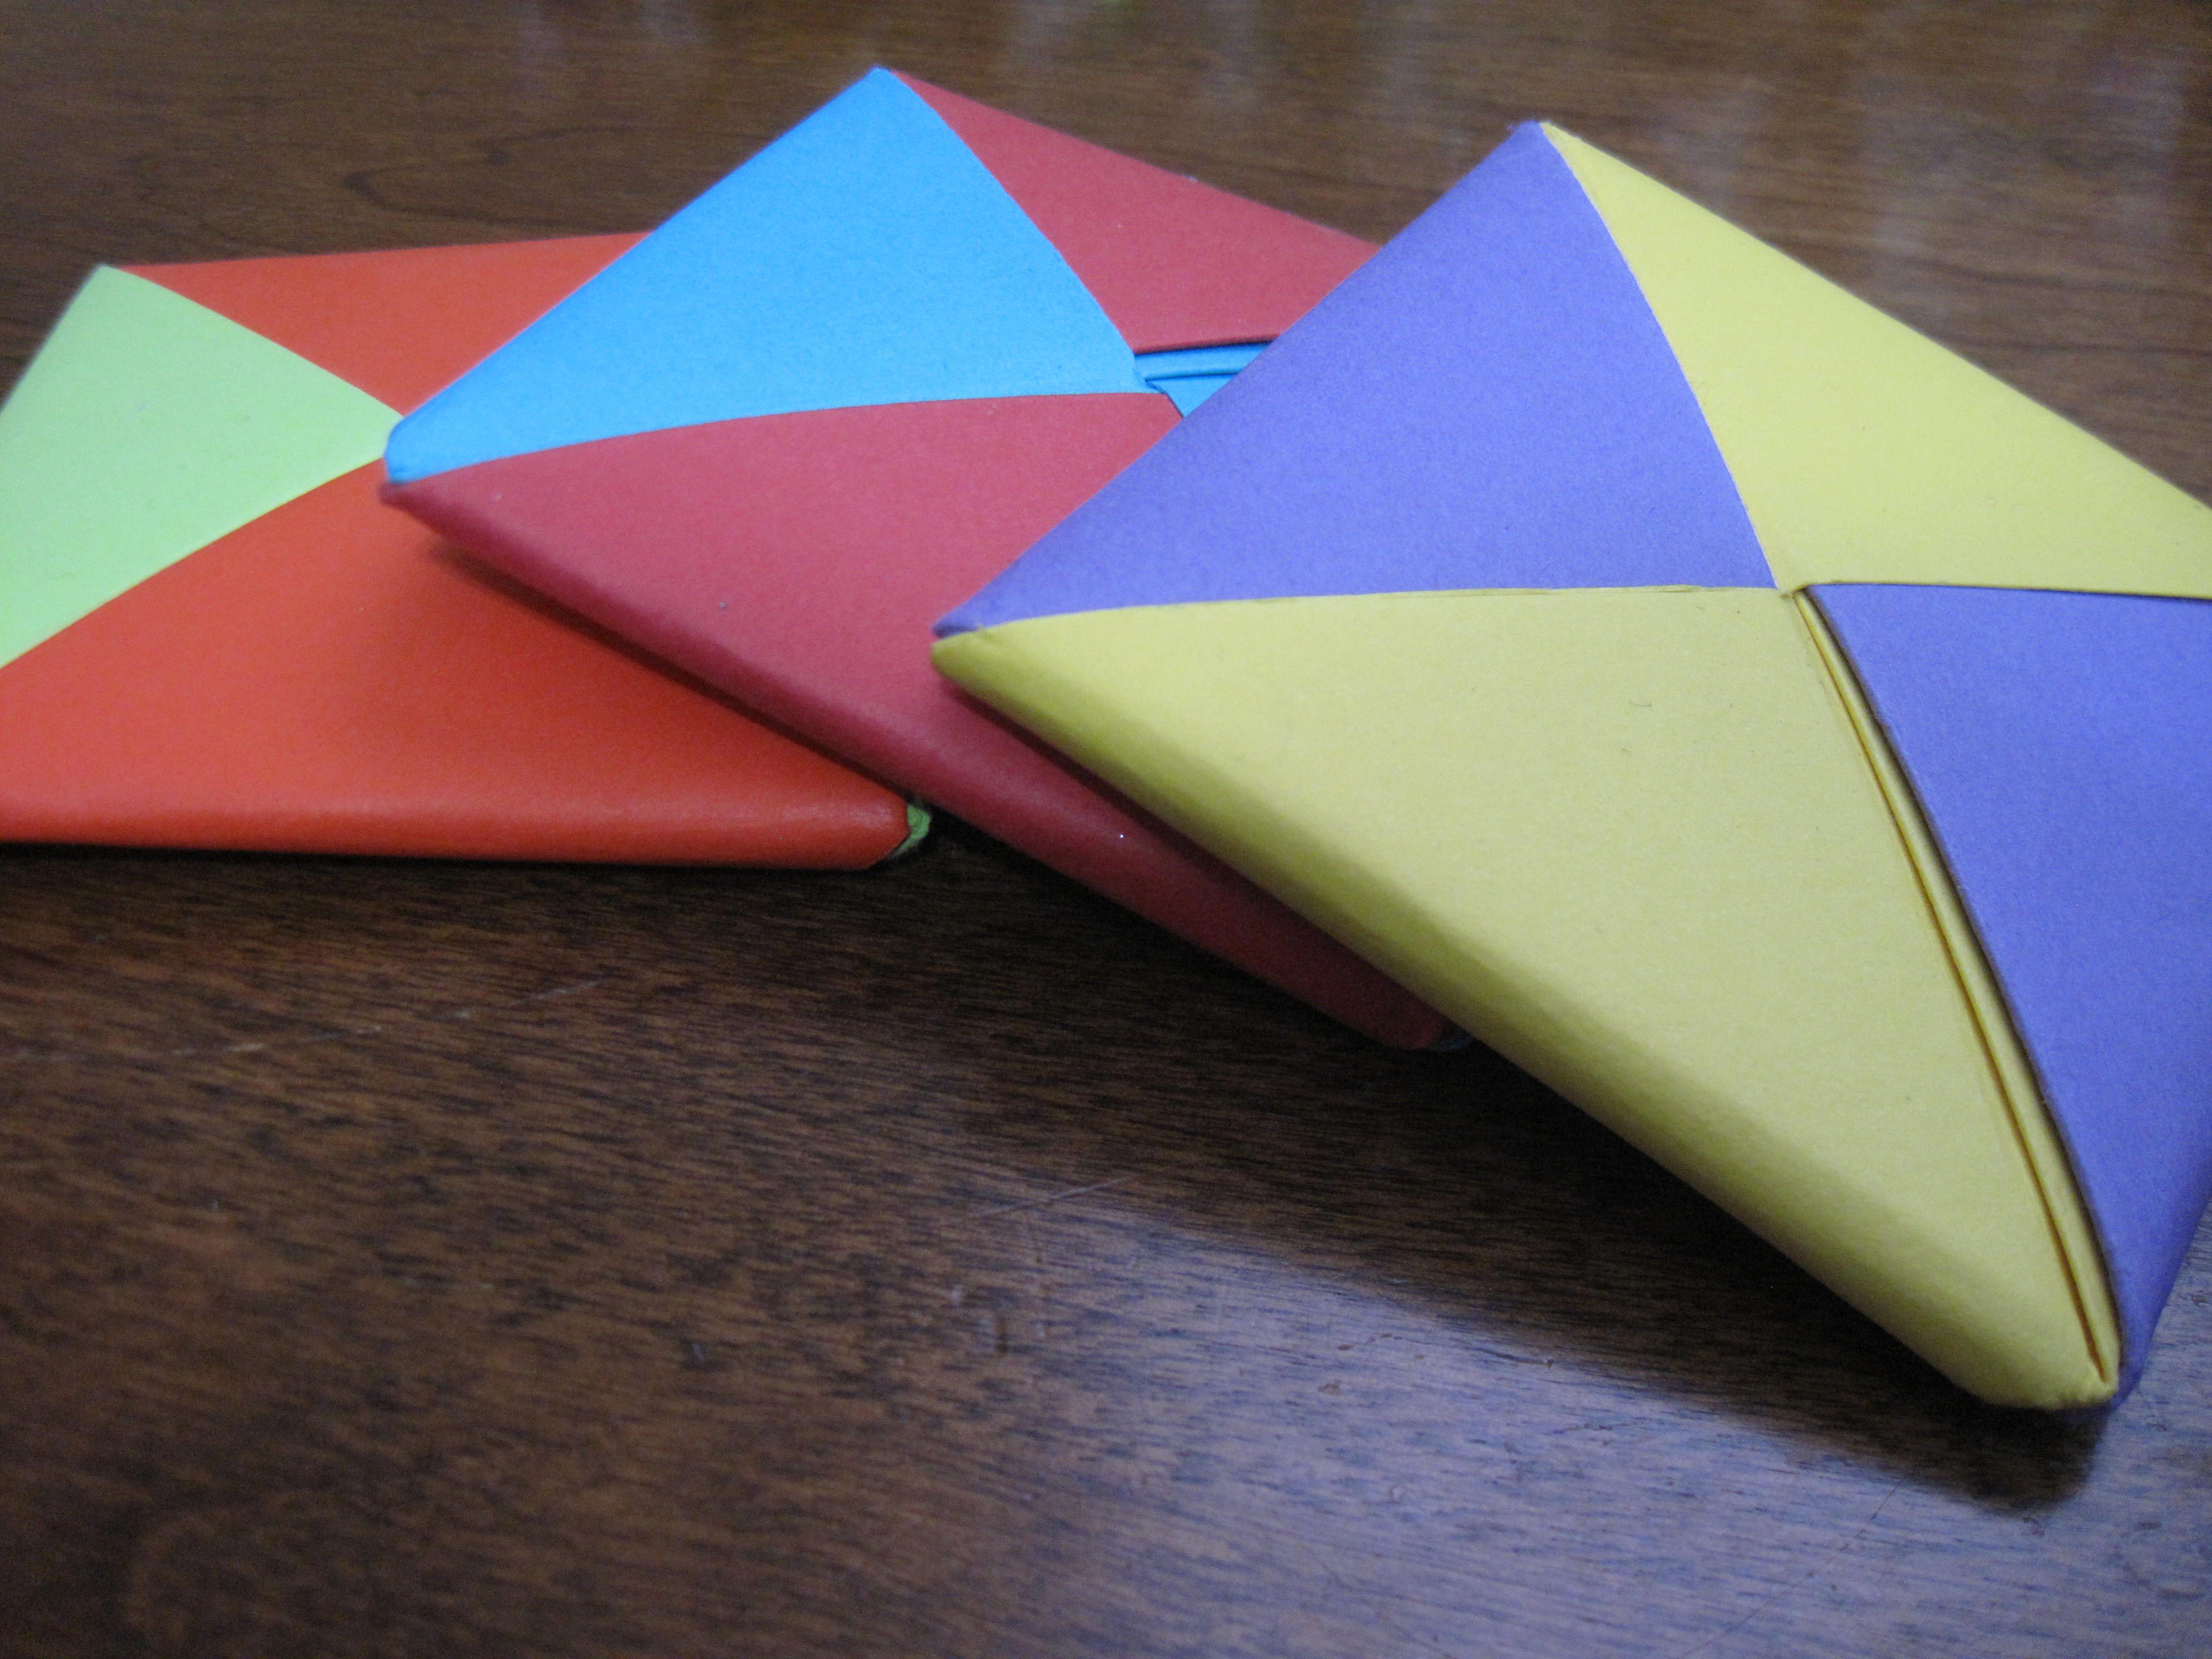 Ddakjittakji korean traditional game using folded paper squares ddakjittakji korean traditional game using folded paper squares jeuxipadfo Images